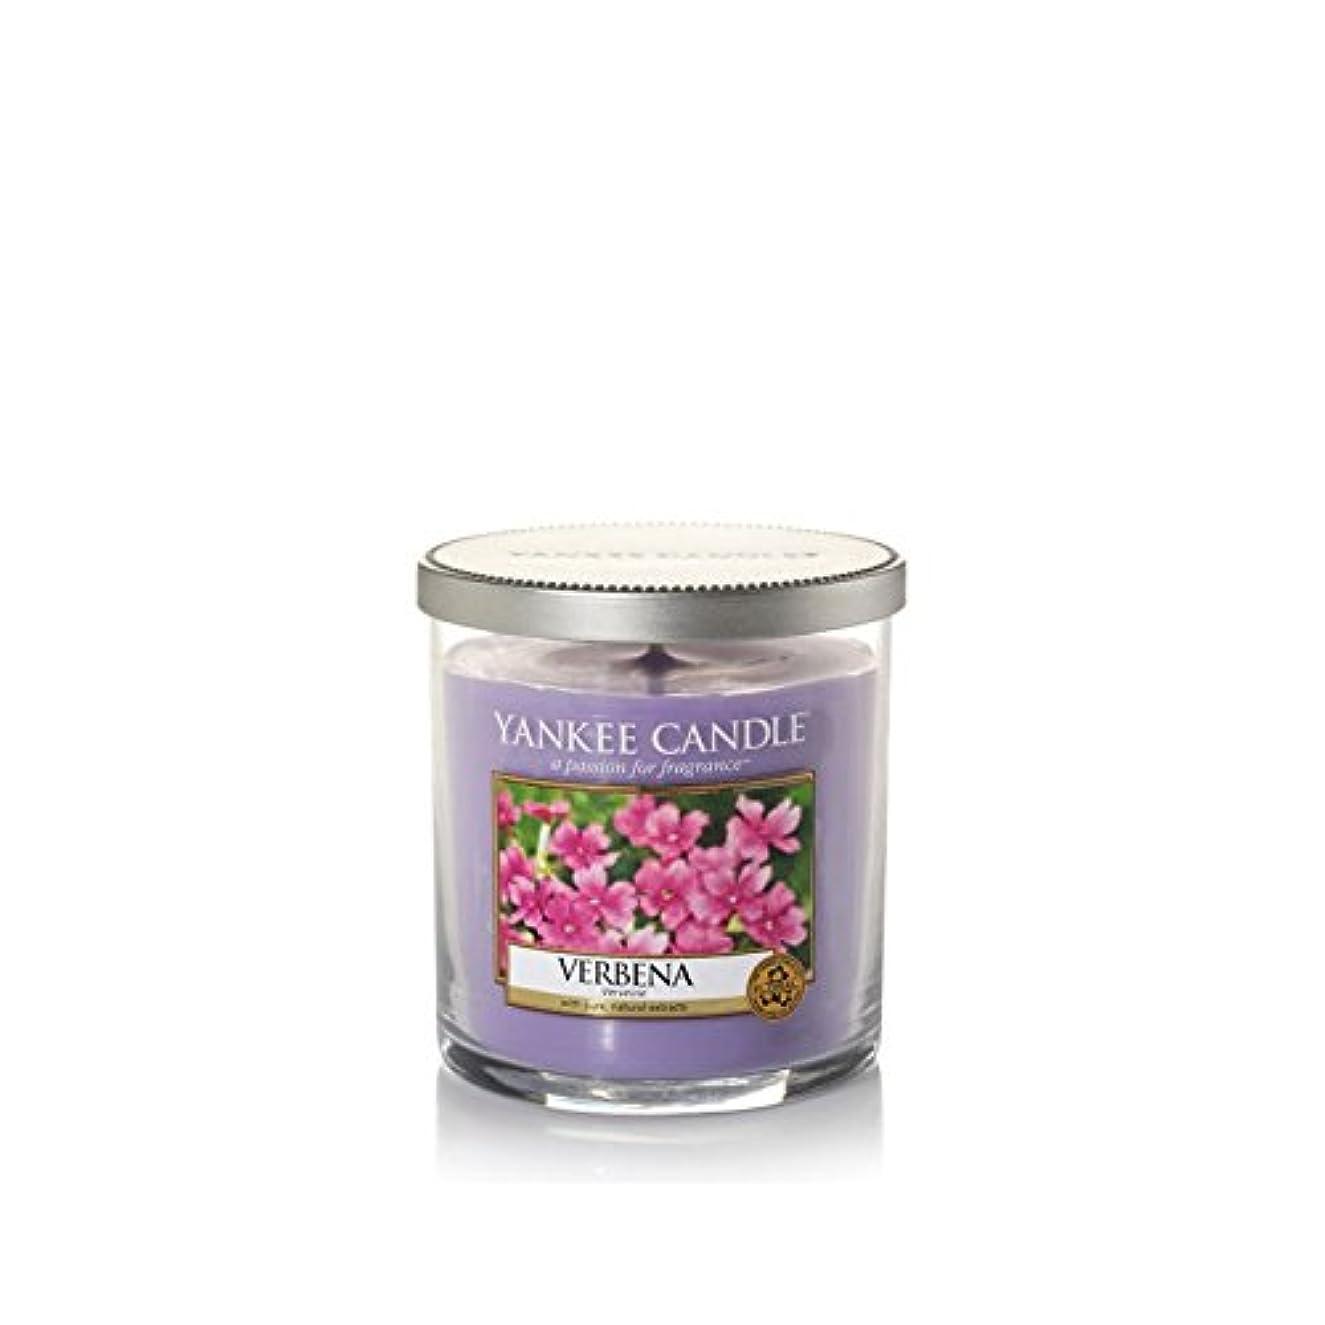 破滅的な橋脚想像力豊かなYankee Candles Small Pillar Candle - Verbena (Pack of 2) - ヤンキーキャンドルの小さな柱キャンドル - バーベナ (x2) [並行輸入品]